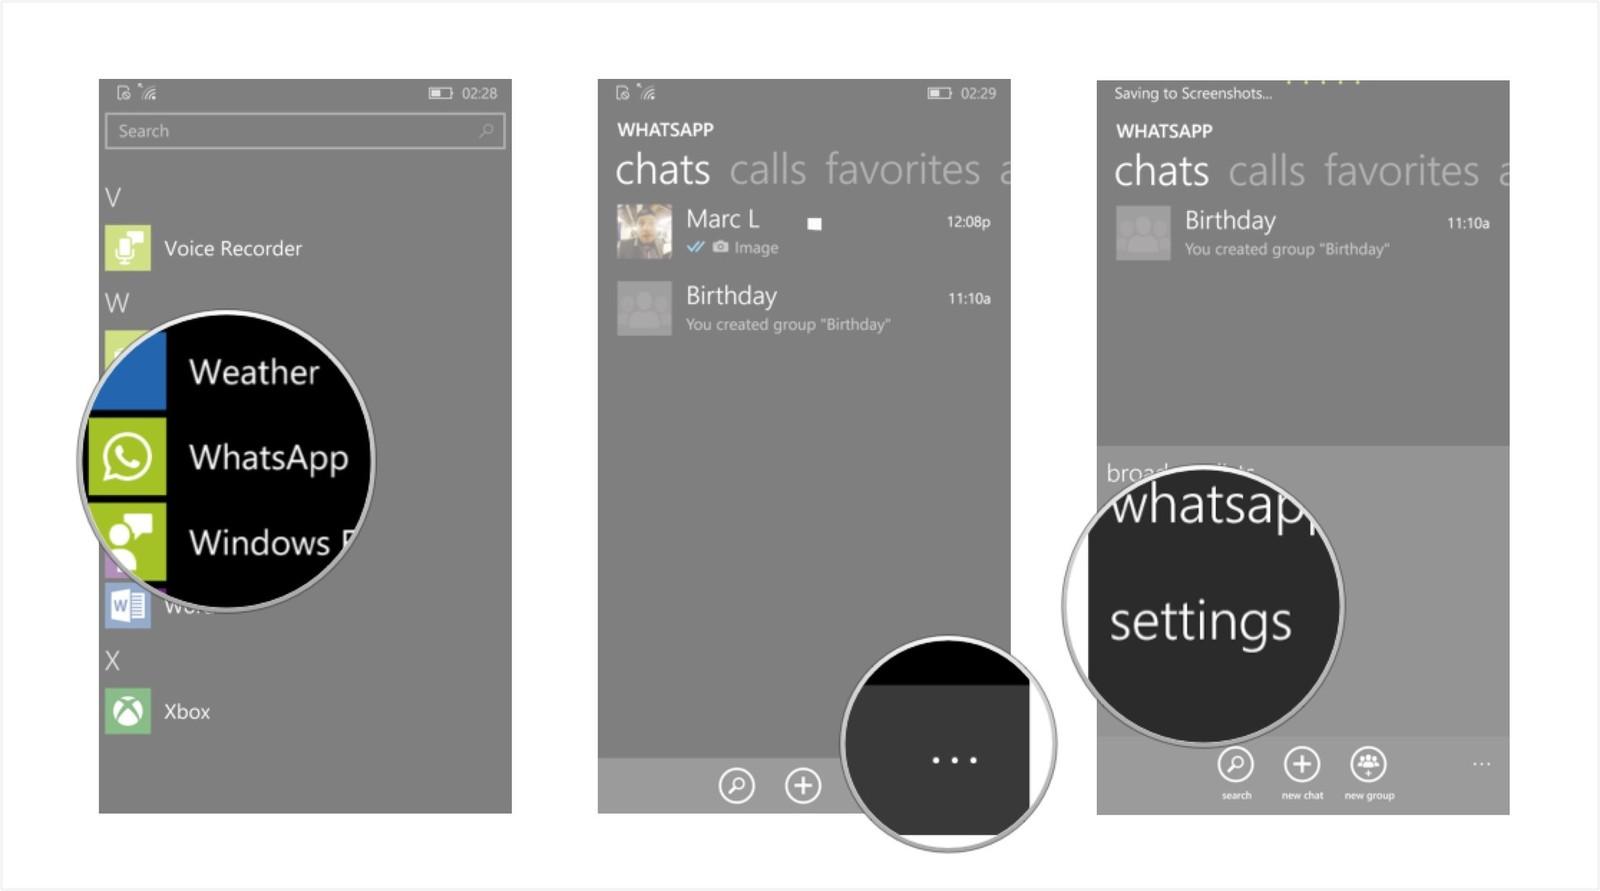 Как сохранить переписку и создать резервную копию в WhatsApp – резервная копия